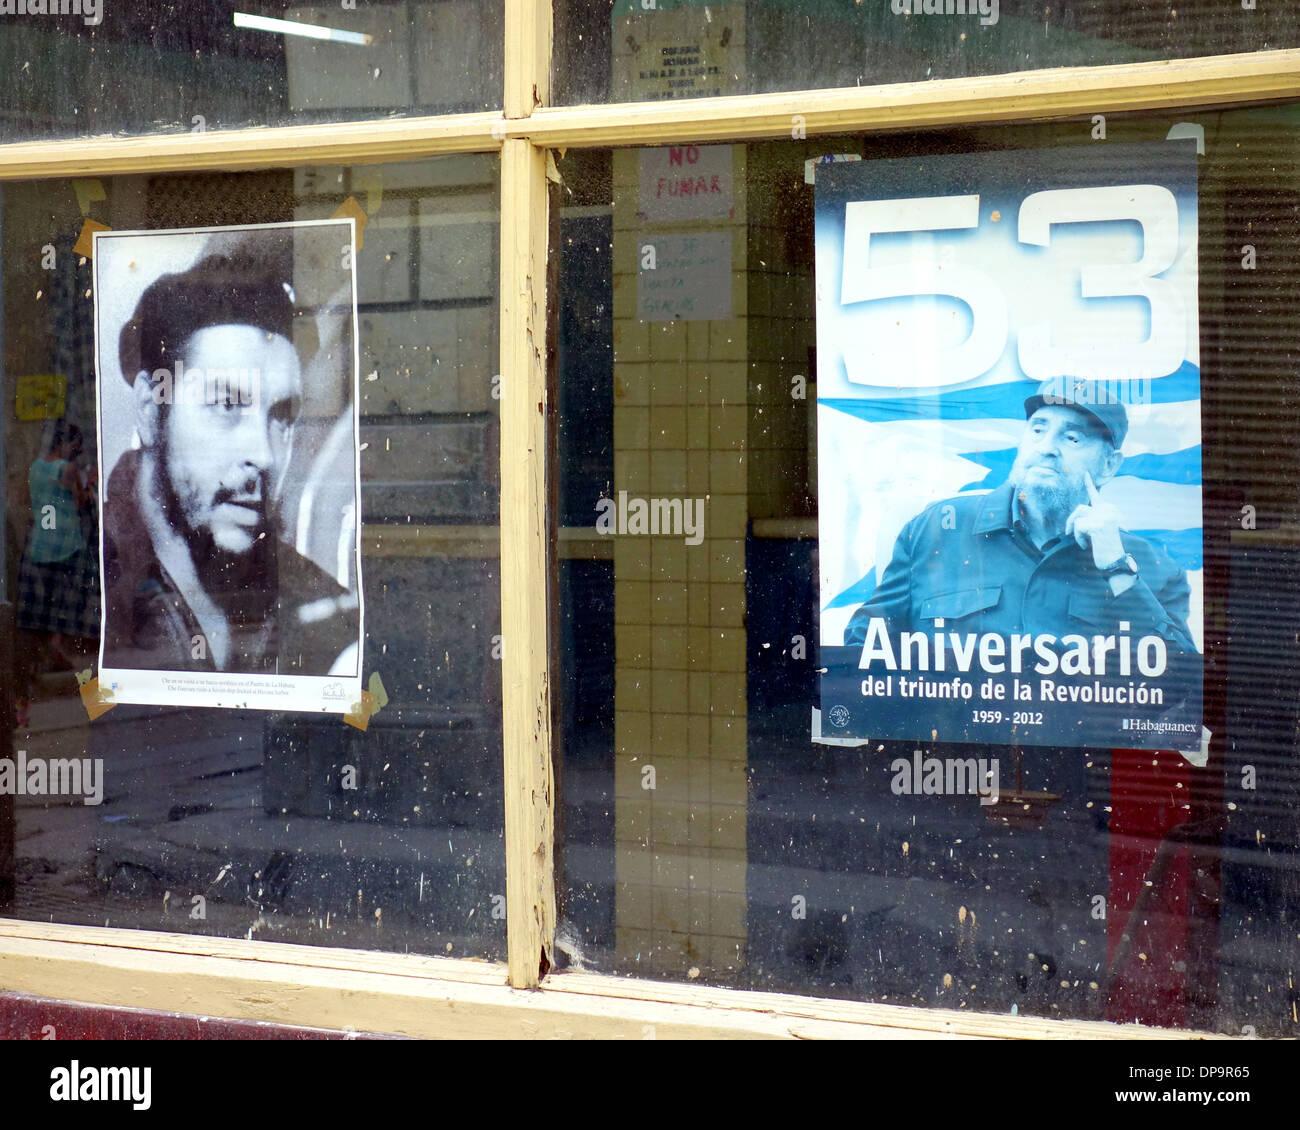 Poster von Che Guevara und Fidel Castro in Havanna, Kuba Stockbild